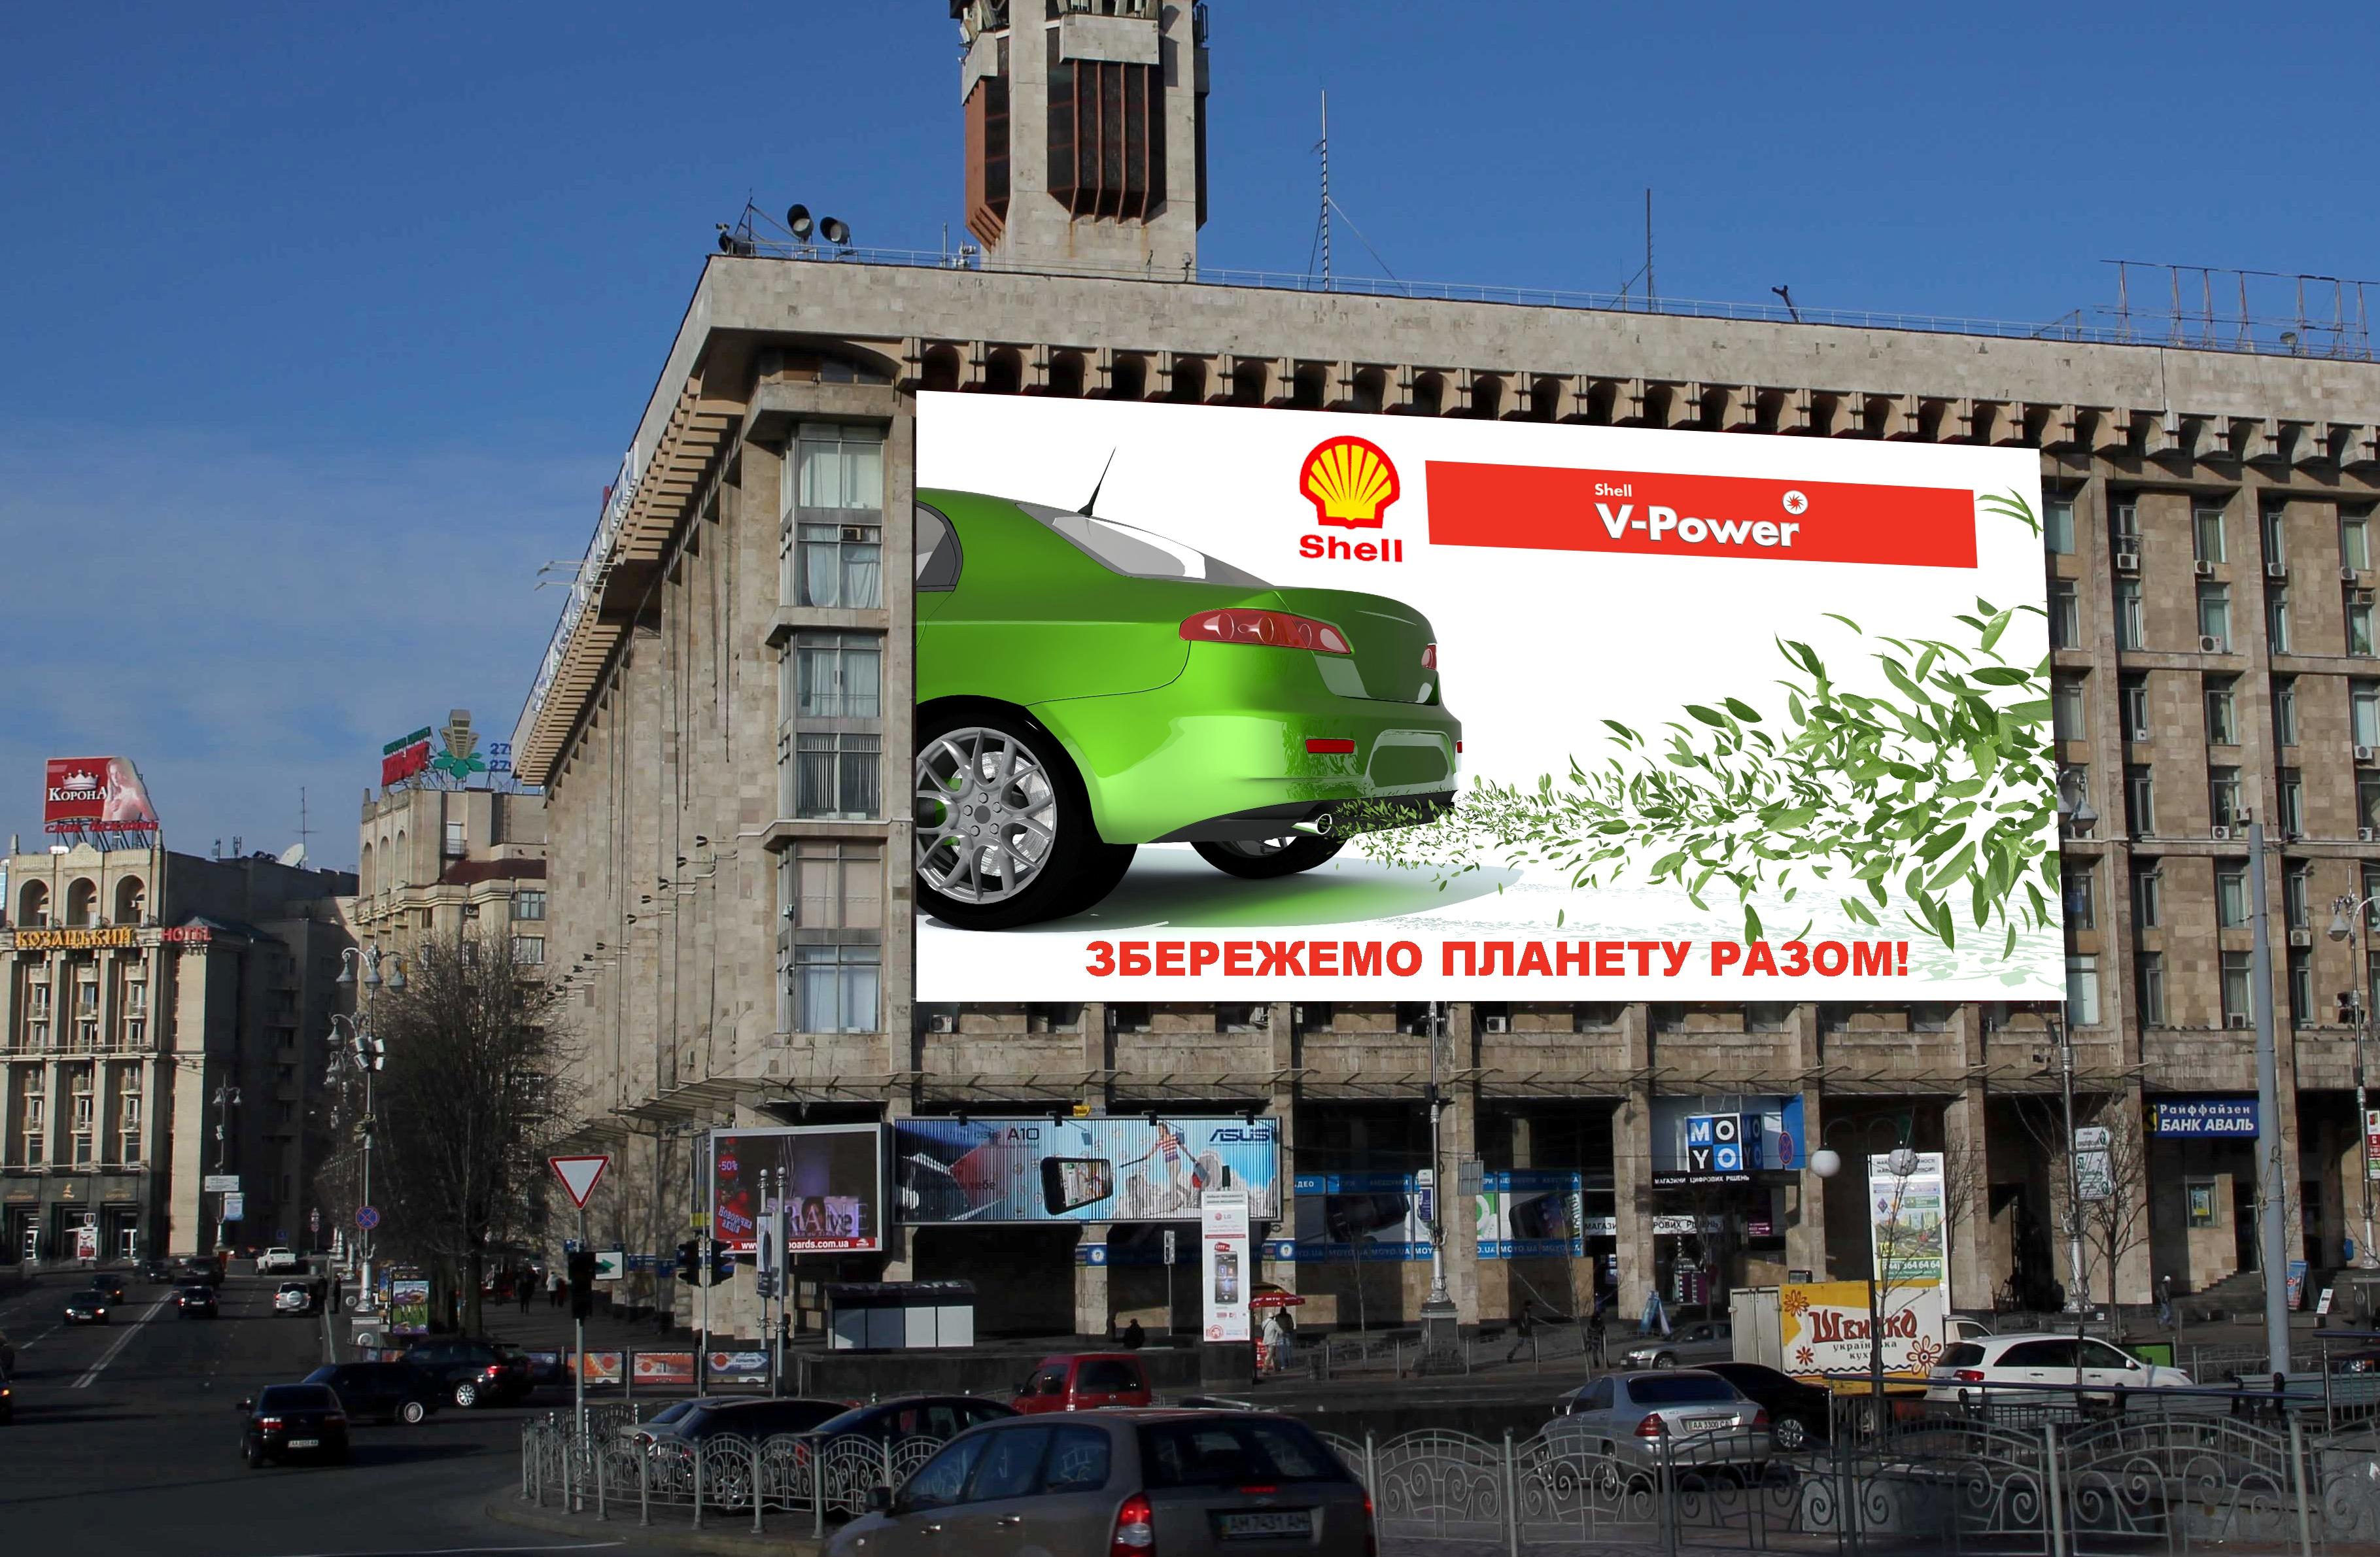 Дизайн брандмауэра для Shell (вариант-2)